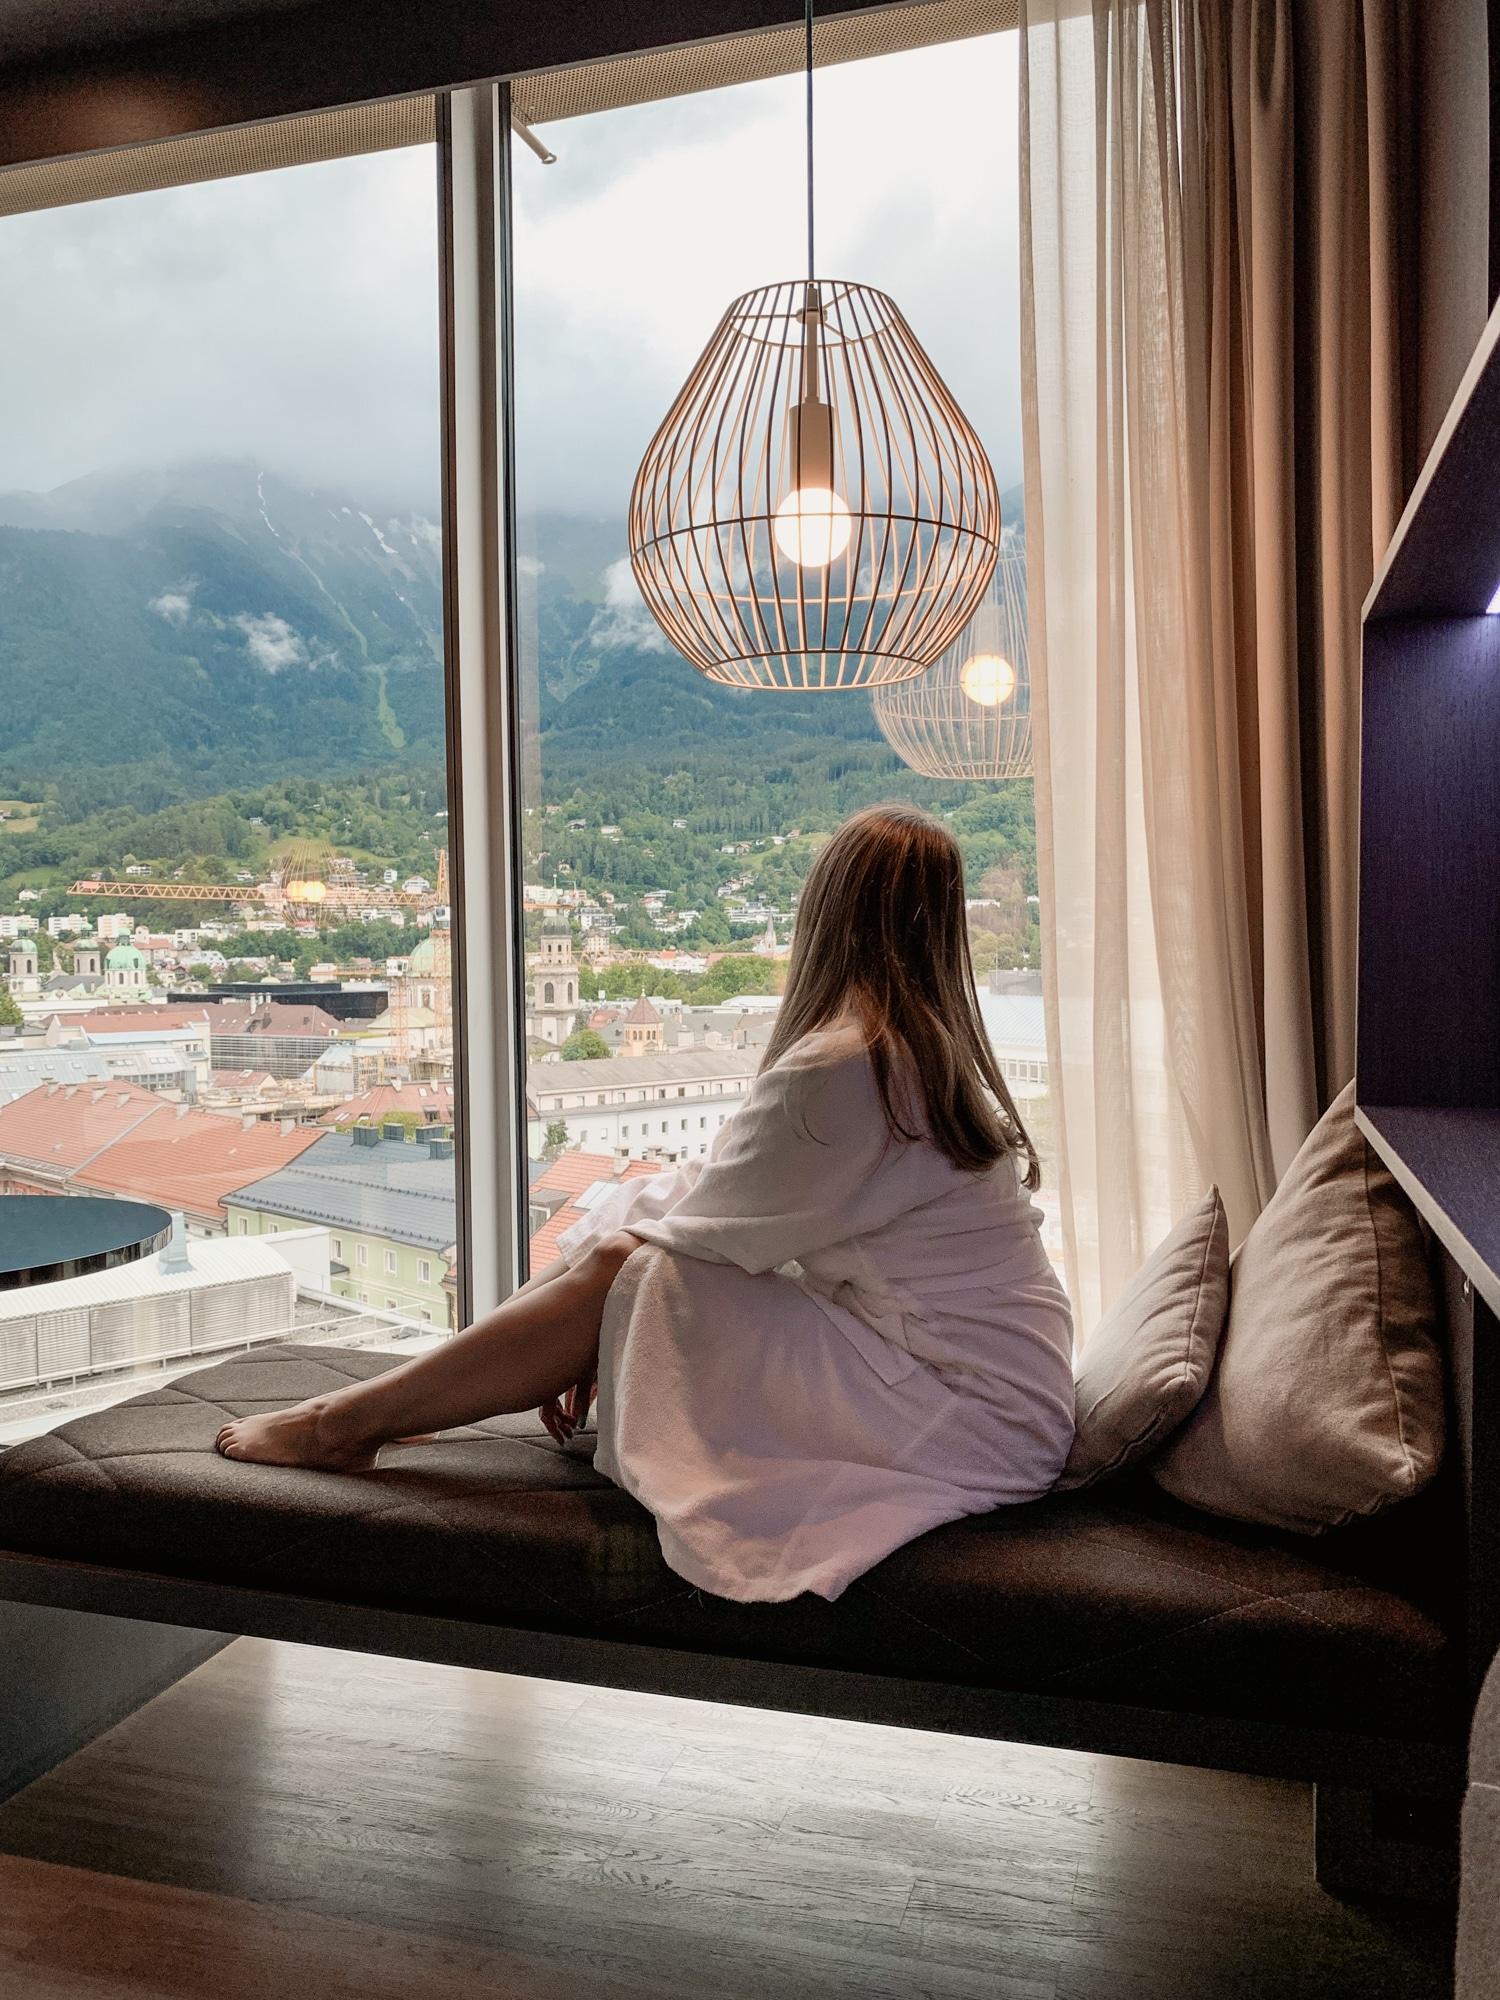 Innsbruck Sehenswürdigkeiten: Top Ten Highlights und Tipps für die Stadt - Adlers Hotel Aussicht Zimmer